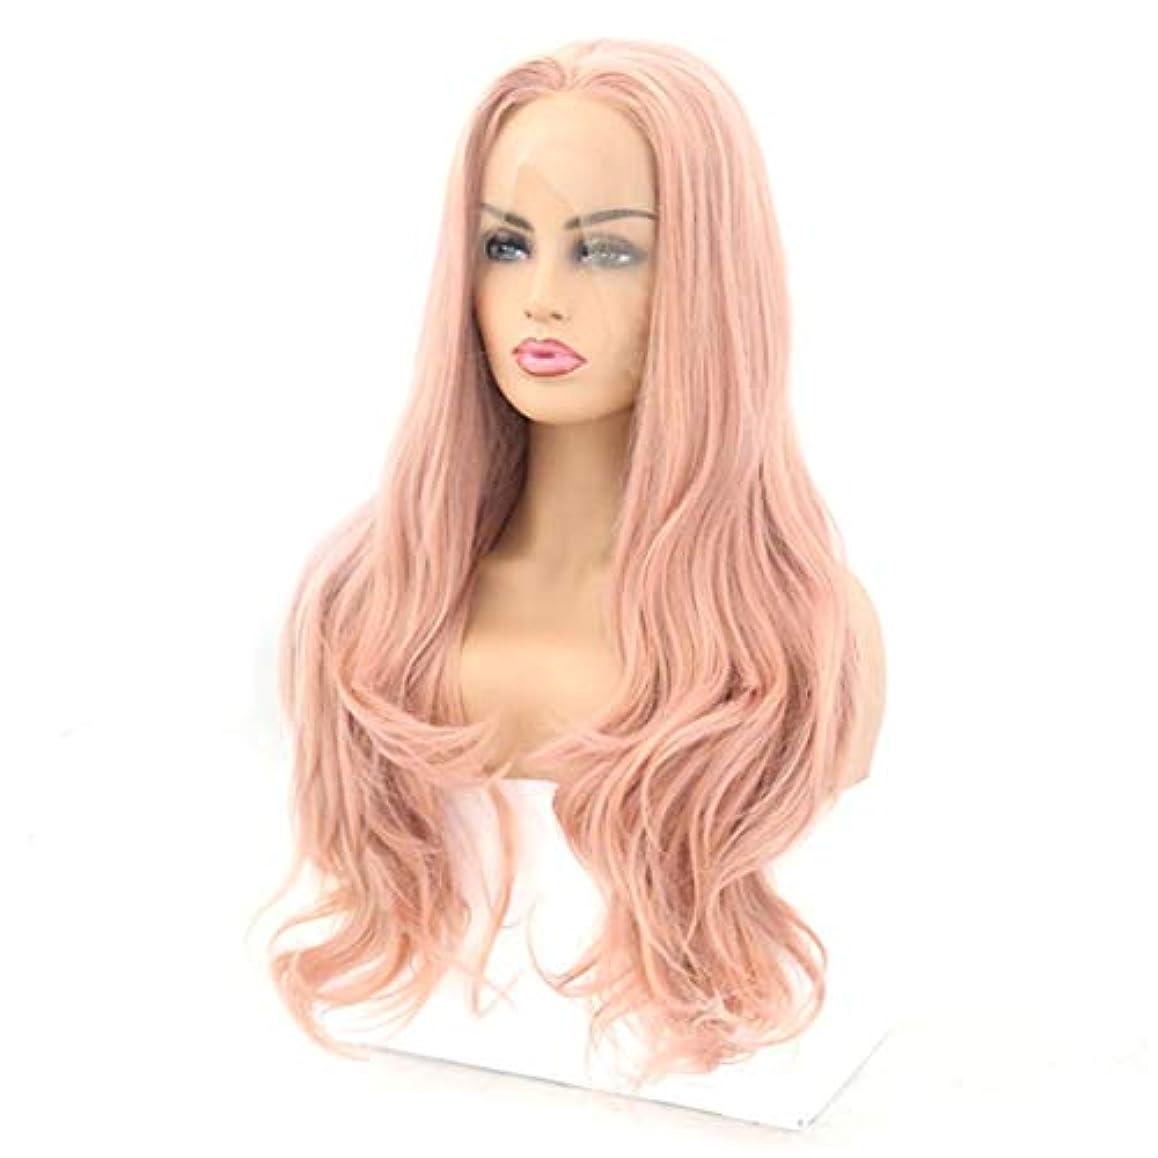 最も指定値Kerwinner フロントレースかつら長い巻き毛のかつら合成のカラフルなコスプレ日常パーティーかつら本物の髪として自然な女性のためのかつら